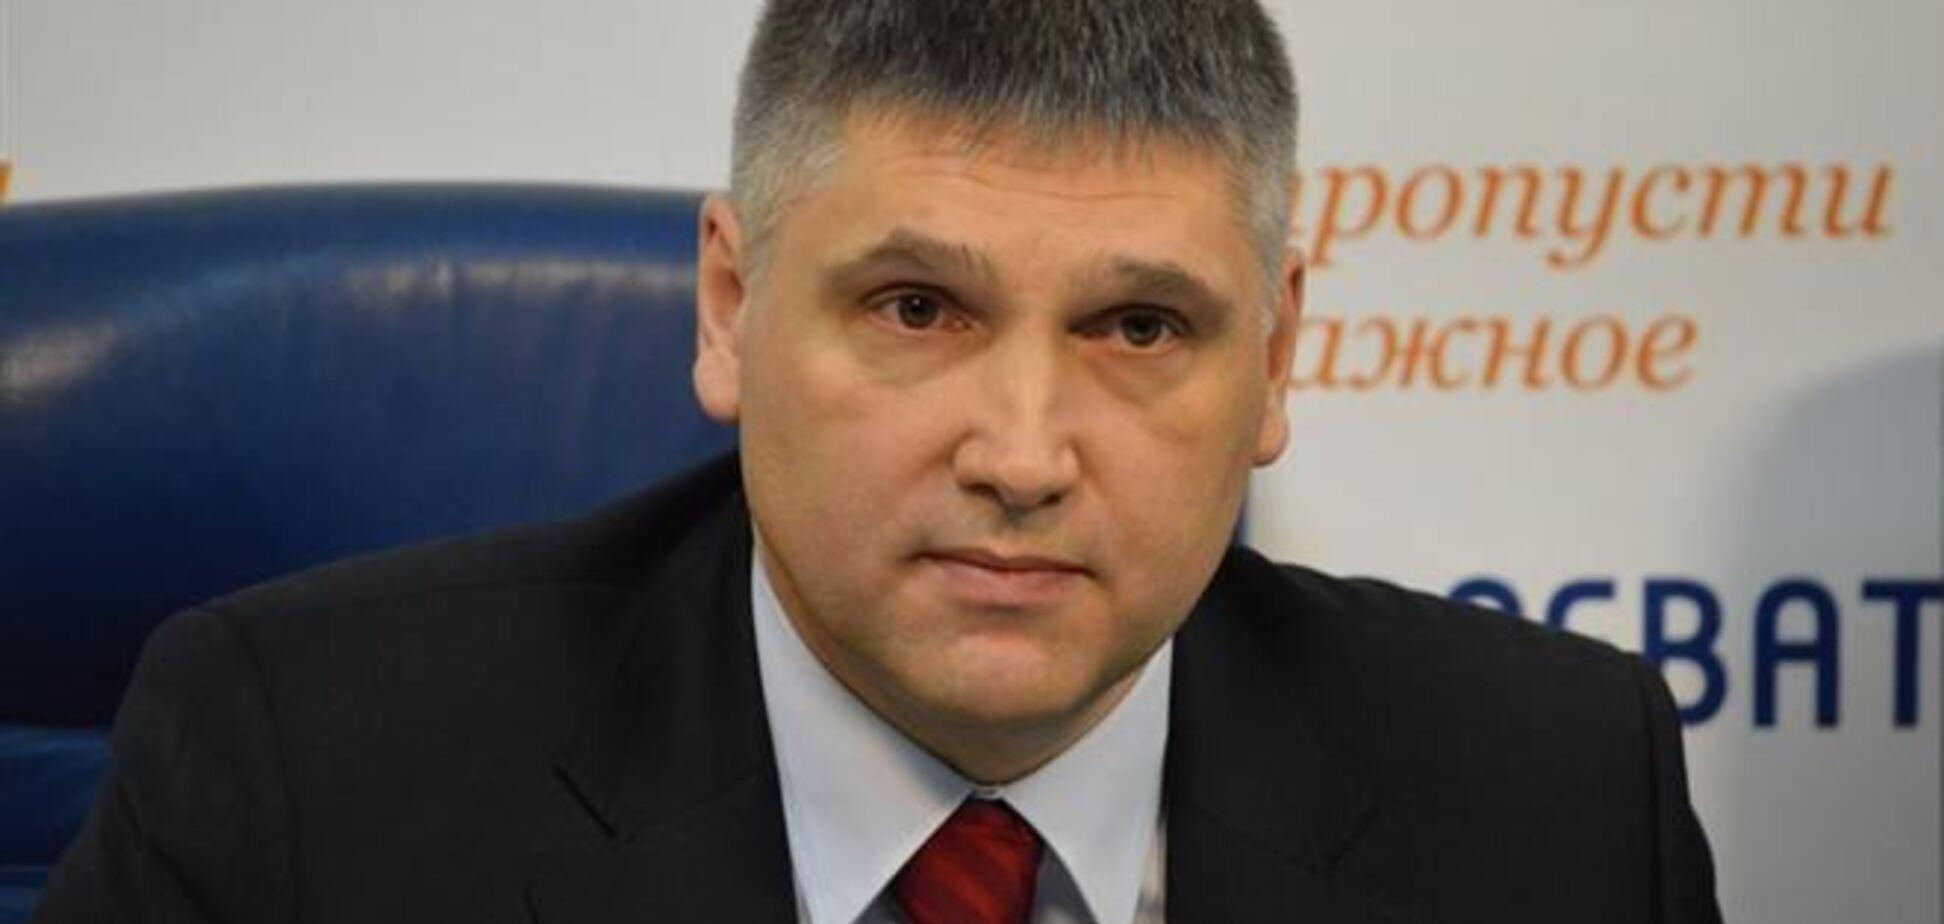 Фракции ПР стоит войти в коалицию - Мирошниченко